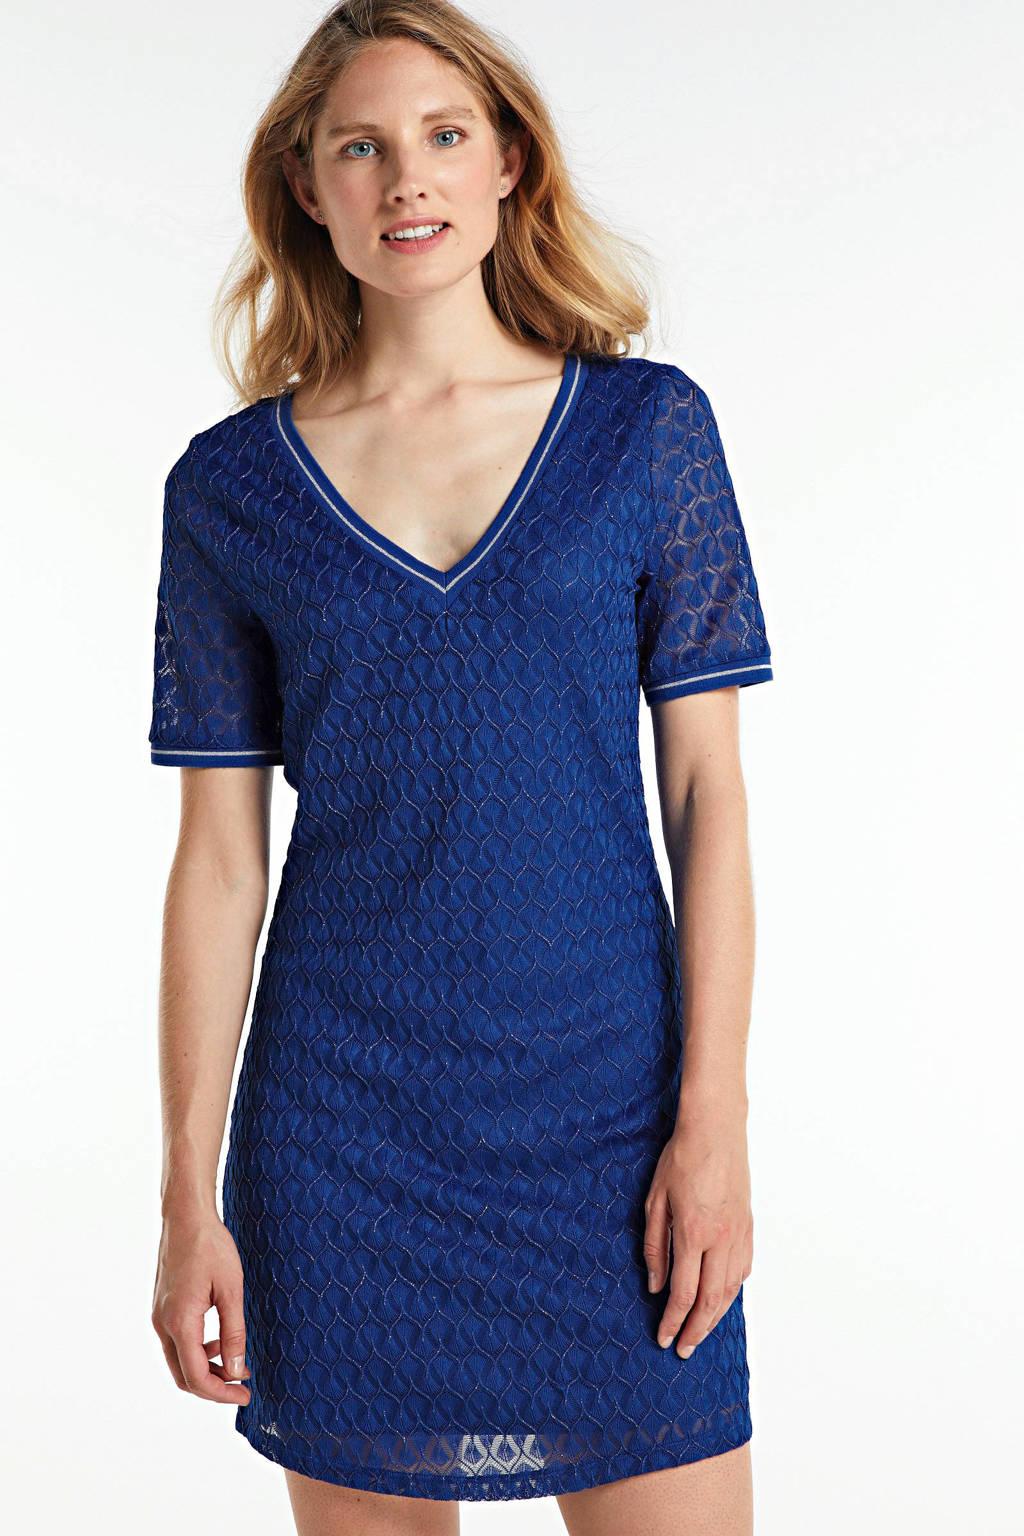 ONLY jurk met contrastbies blauw, Blauw